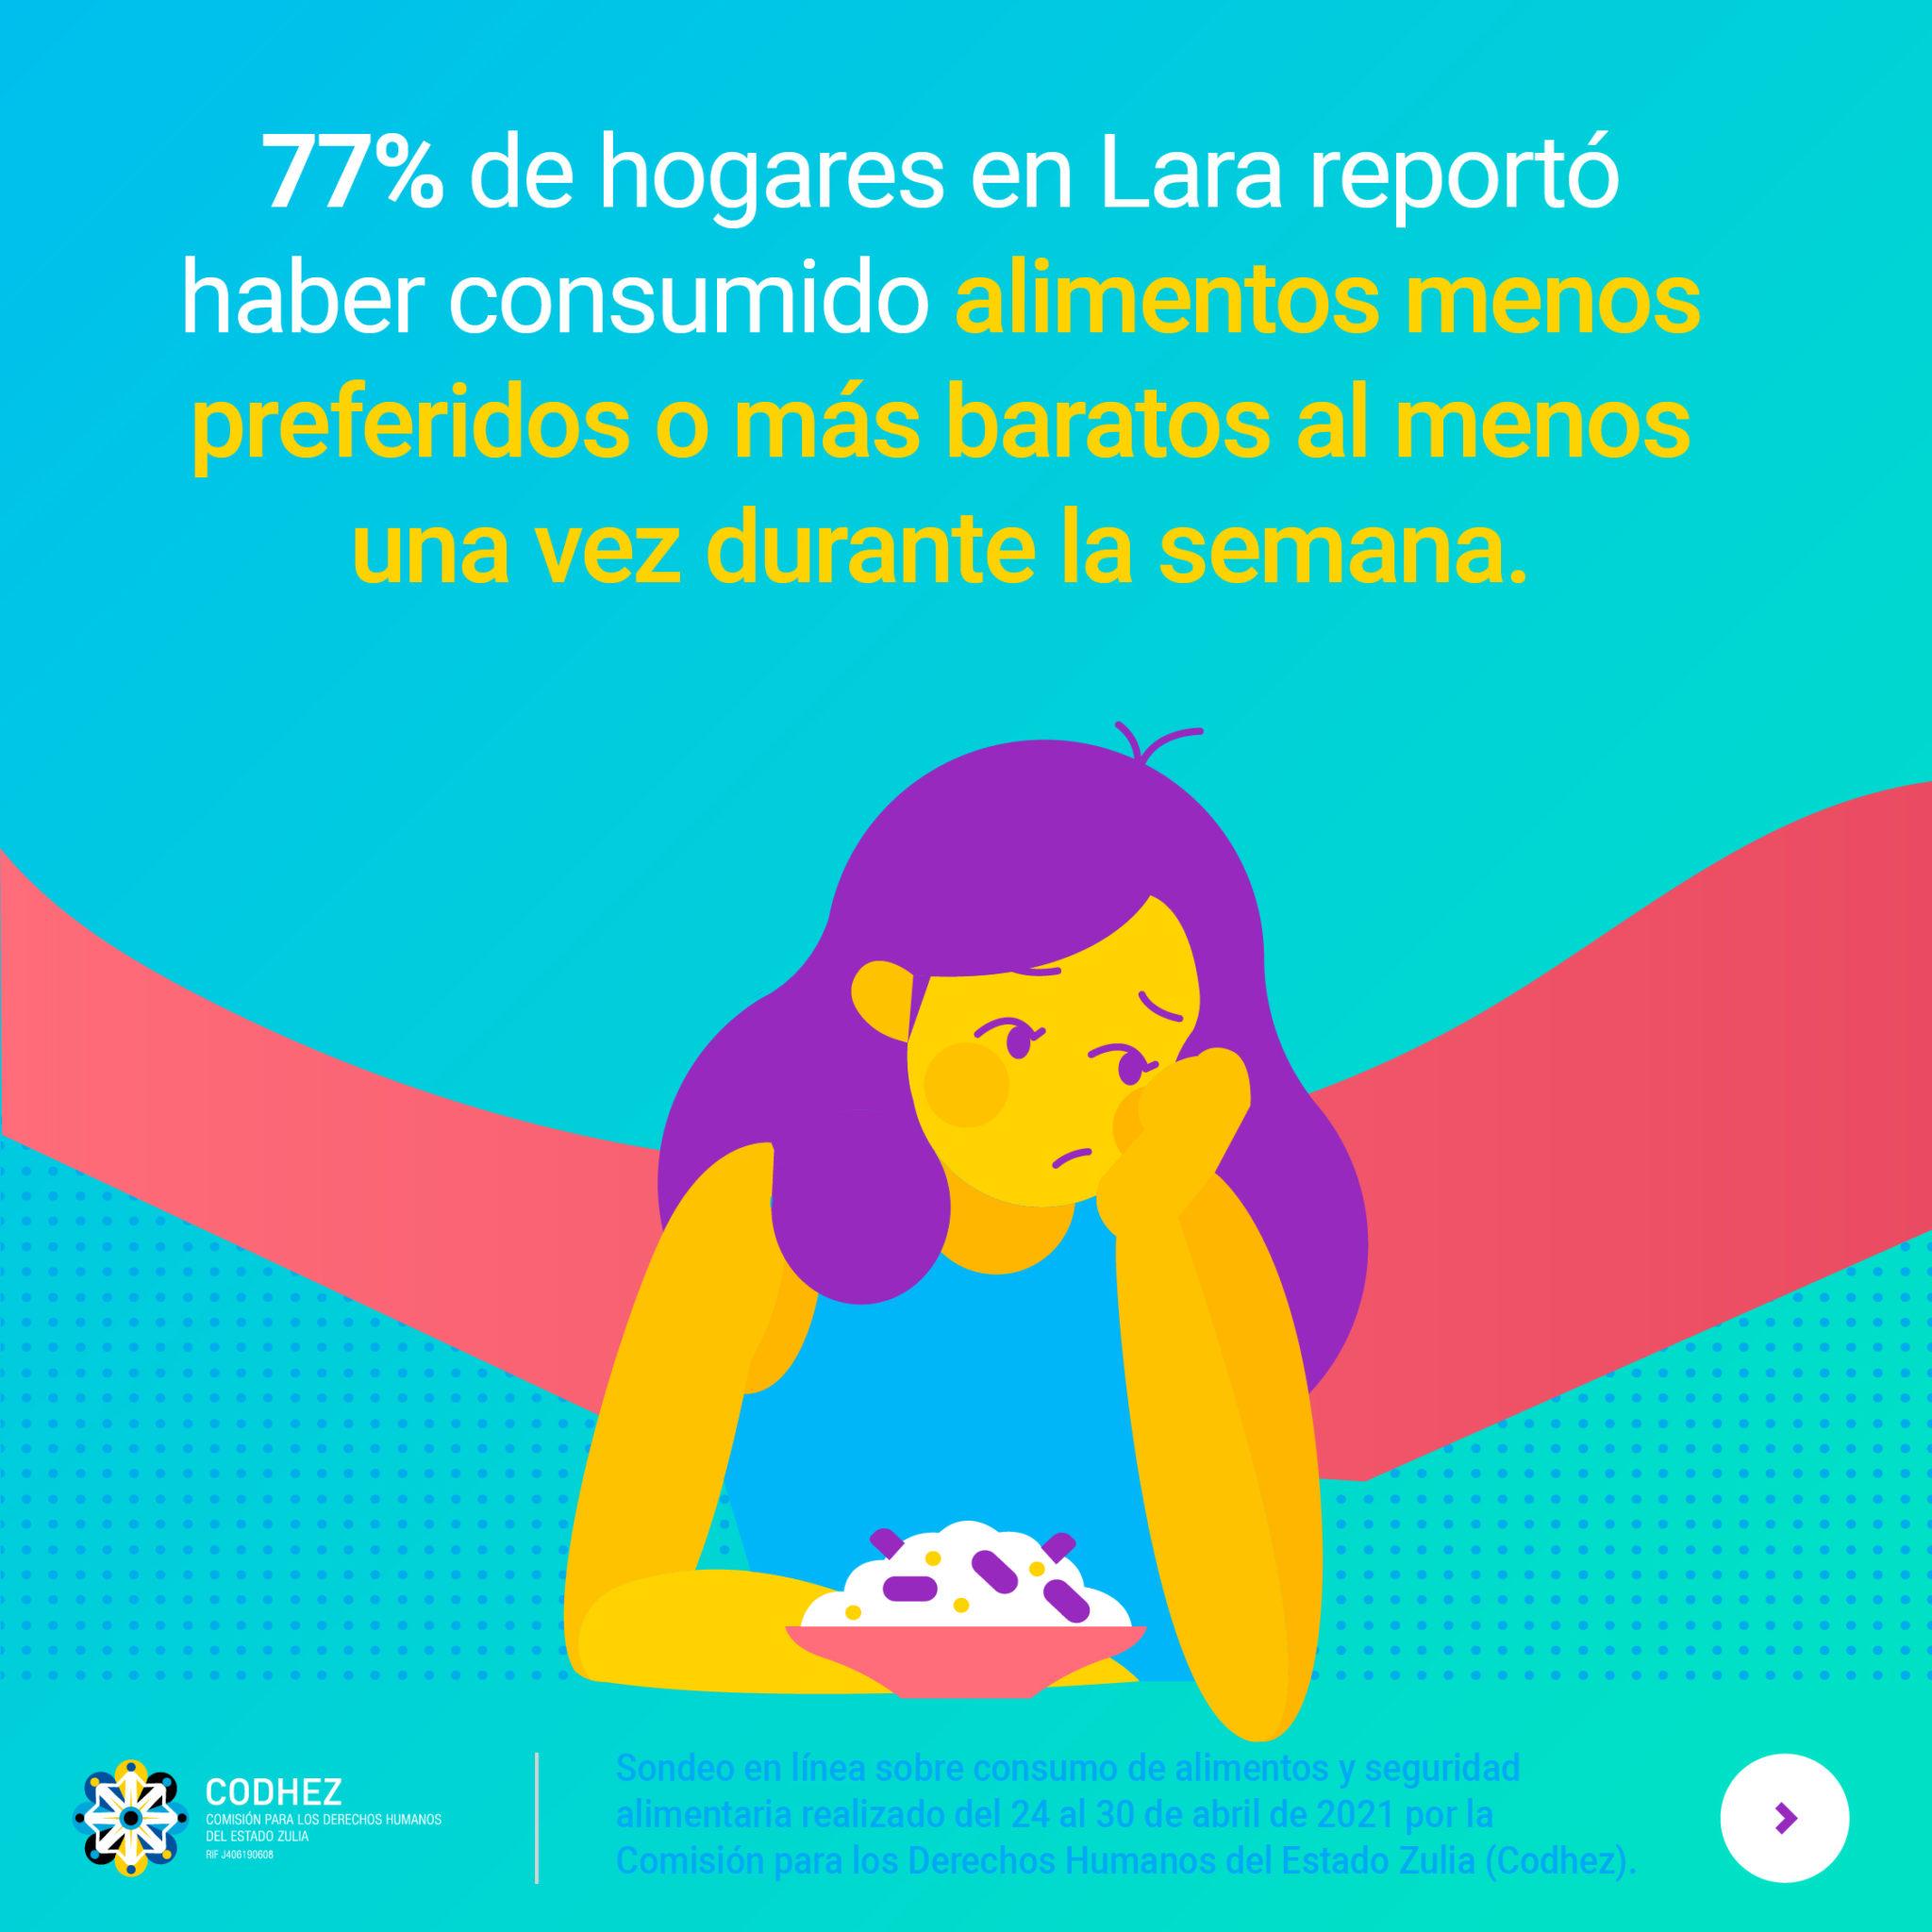 73% de hogares en Lara experimenta dificultades para acceder a los alimentos